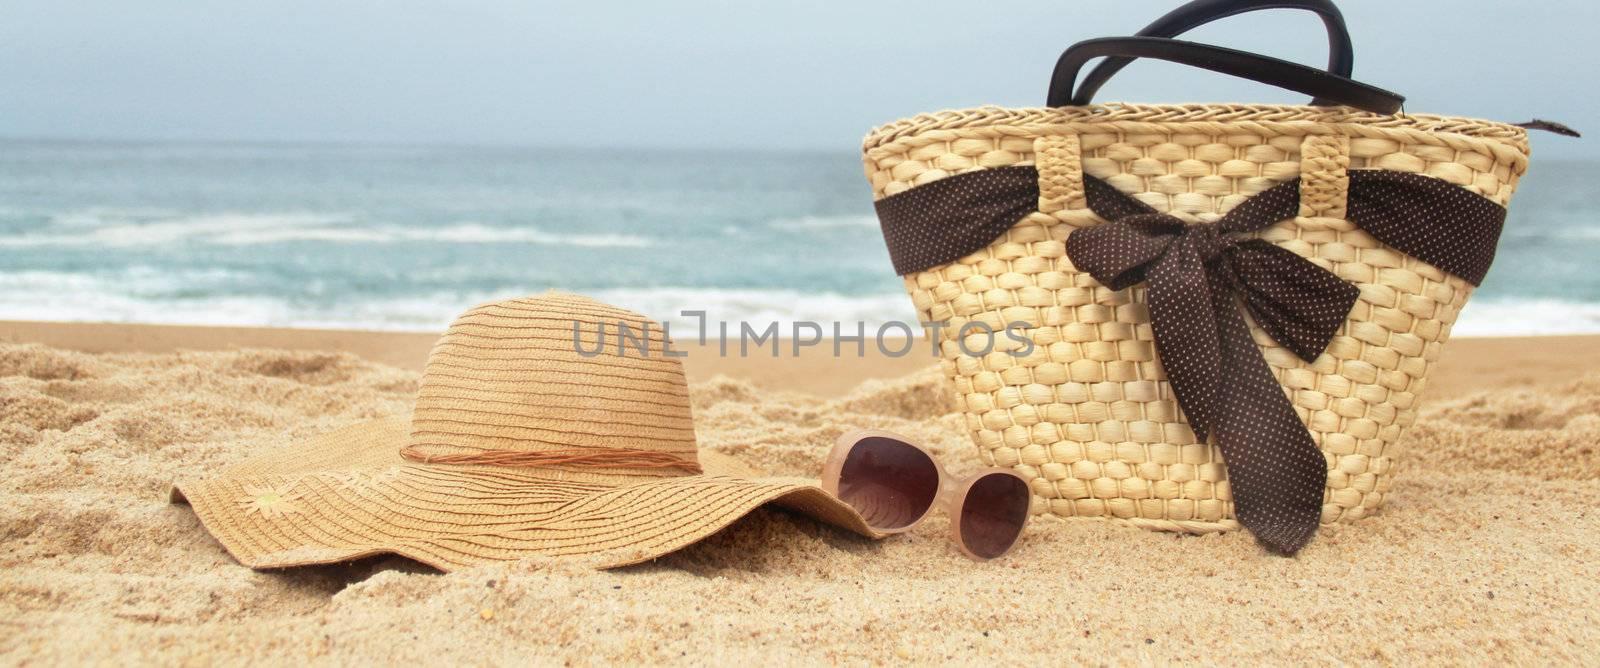 Sea time - seacoast, straw beach bag and sunglasses